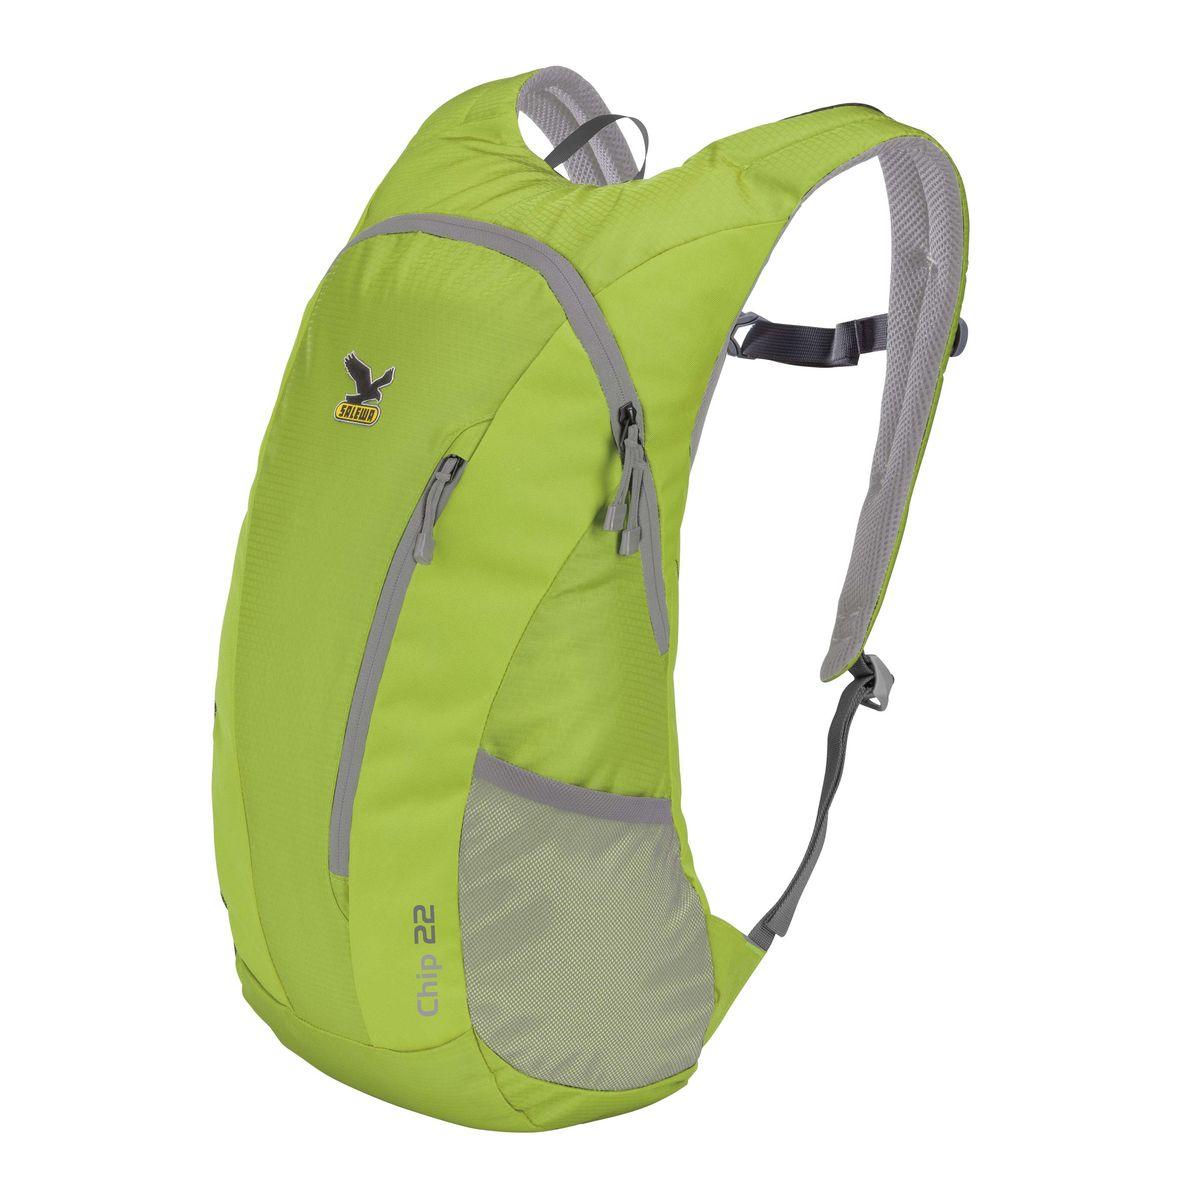 Рюкзак городской Salewa Daypacks CHIP 22, цвет: светло-зеленый, 22л1130_5330Компактный городской рюкзак для повседневного использования и активного досуга. Comfort Fit обеспечивает комфортное распределение нагрузки и вентиляцию. Особенности: - переднее отделение - боковые карманы